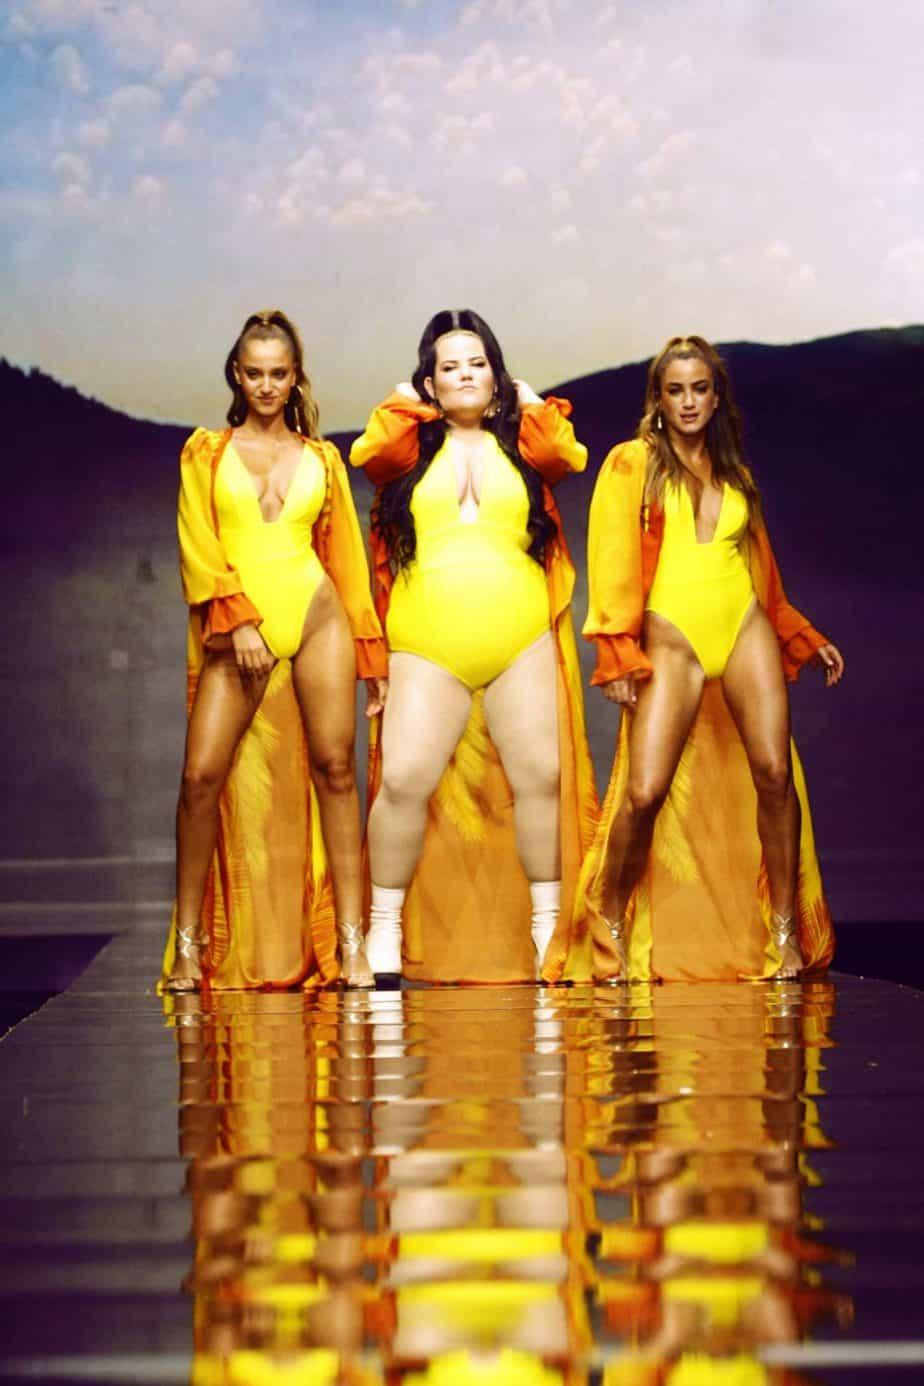 נטע ברזילי בבגד ים צהוב, נטע אלחמיסטר בבגד ים, בננהוט. שבוע האופנה תל אביב 2019. צילום עומר רביבי - 1466